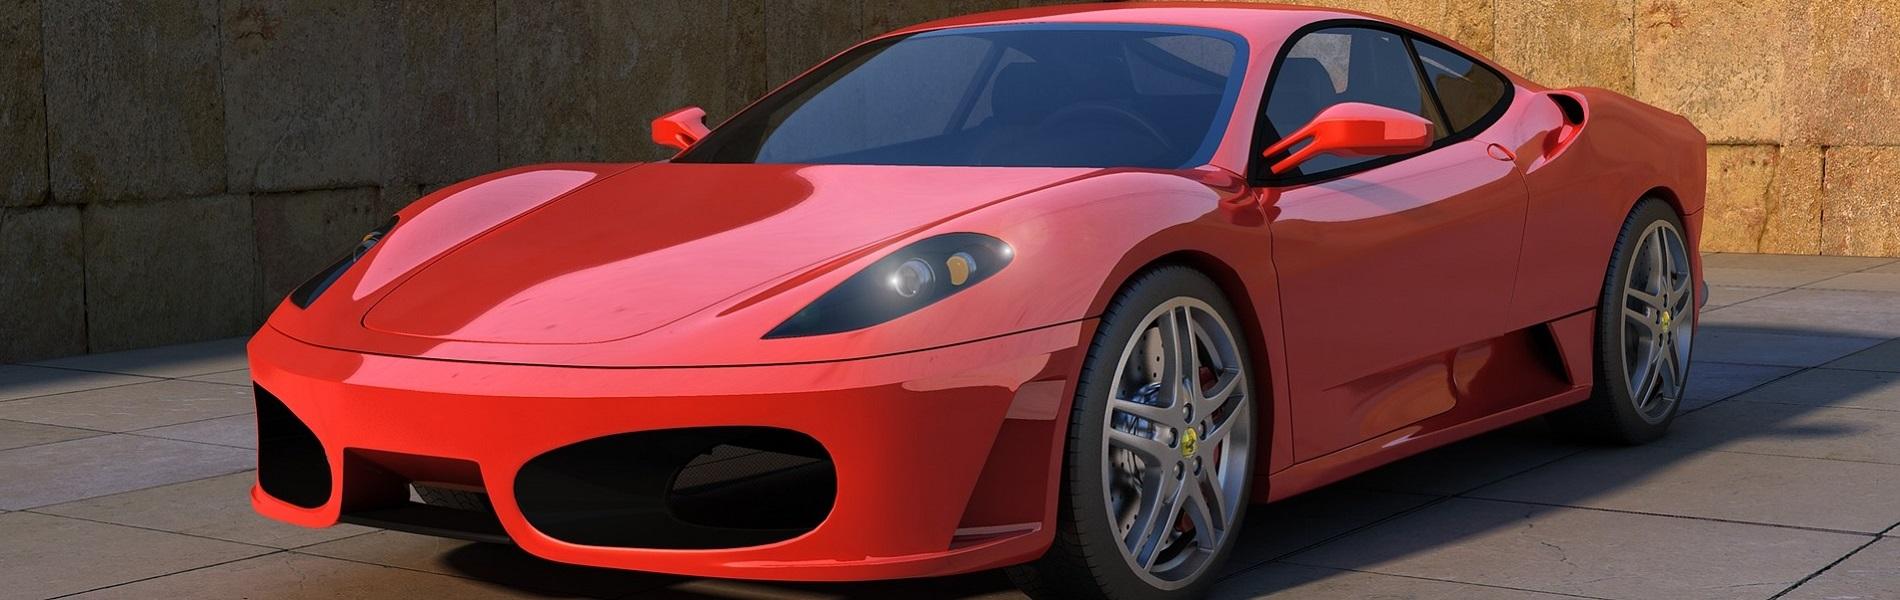 自動車整備業システムの販売と保守